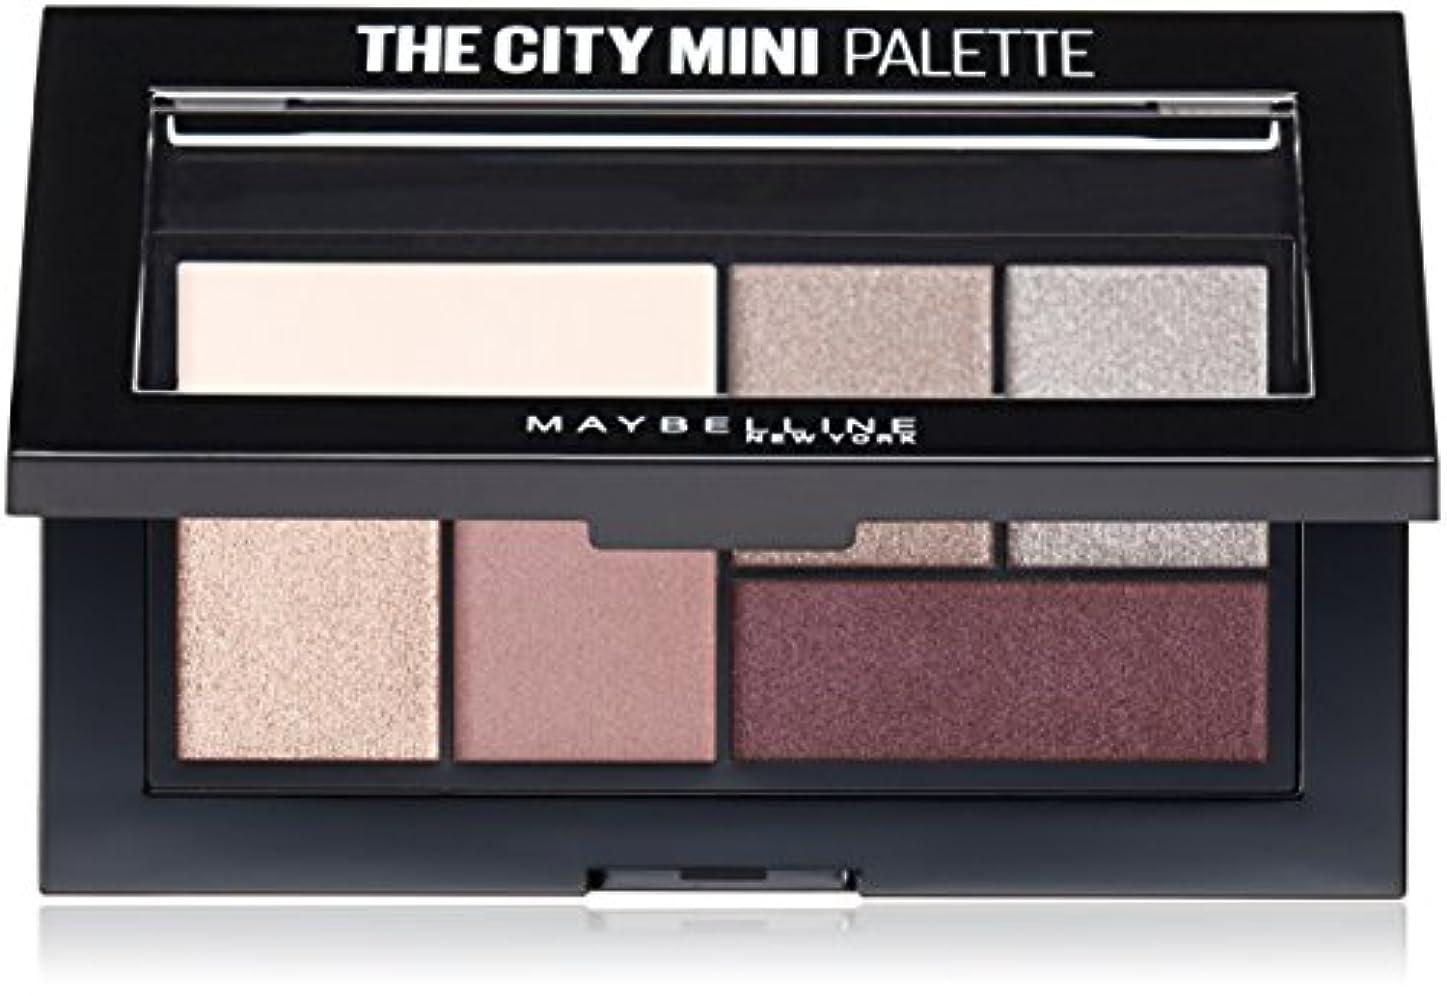 ゲスト高度氷MAYBELLINE The City Mini Palette - Chill Brunch Neutrals (並行輸入品)